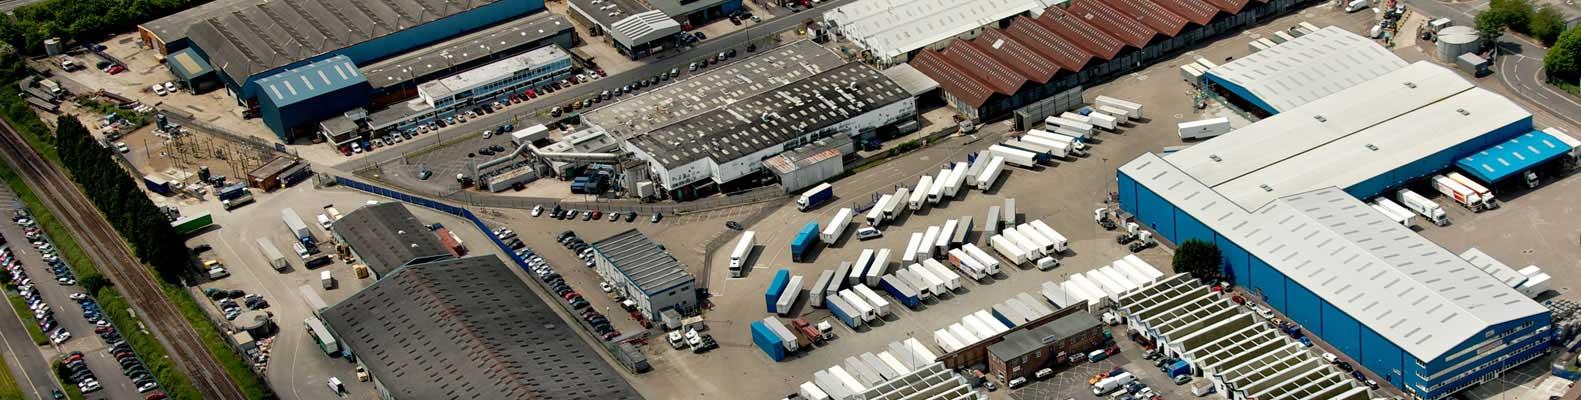 Portsmouth depot header image